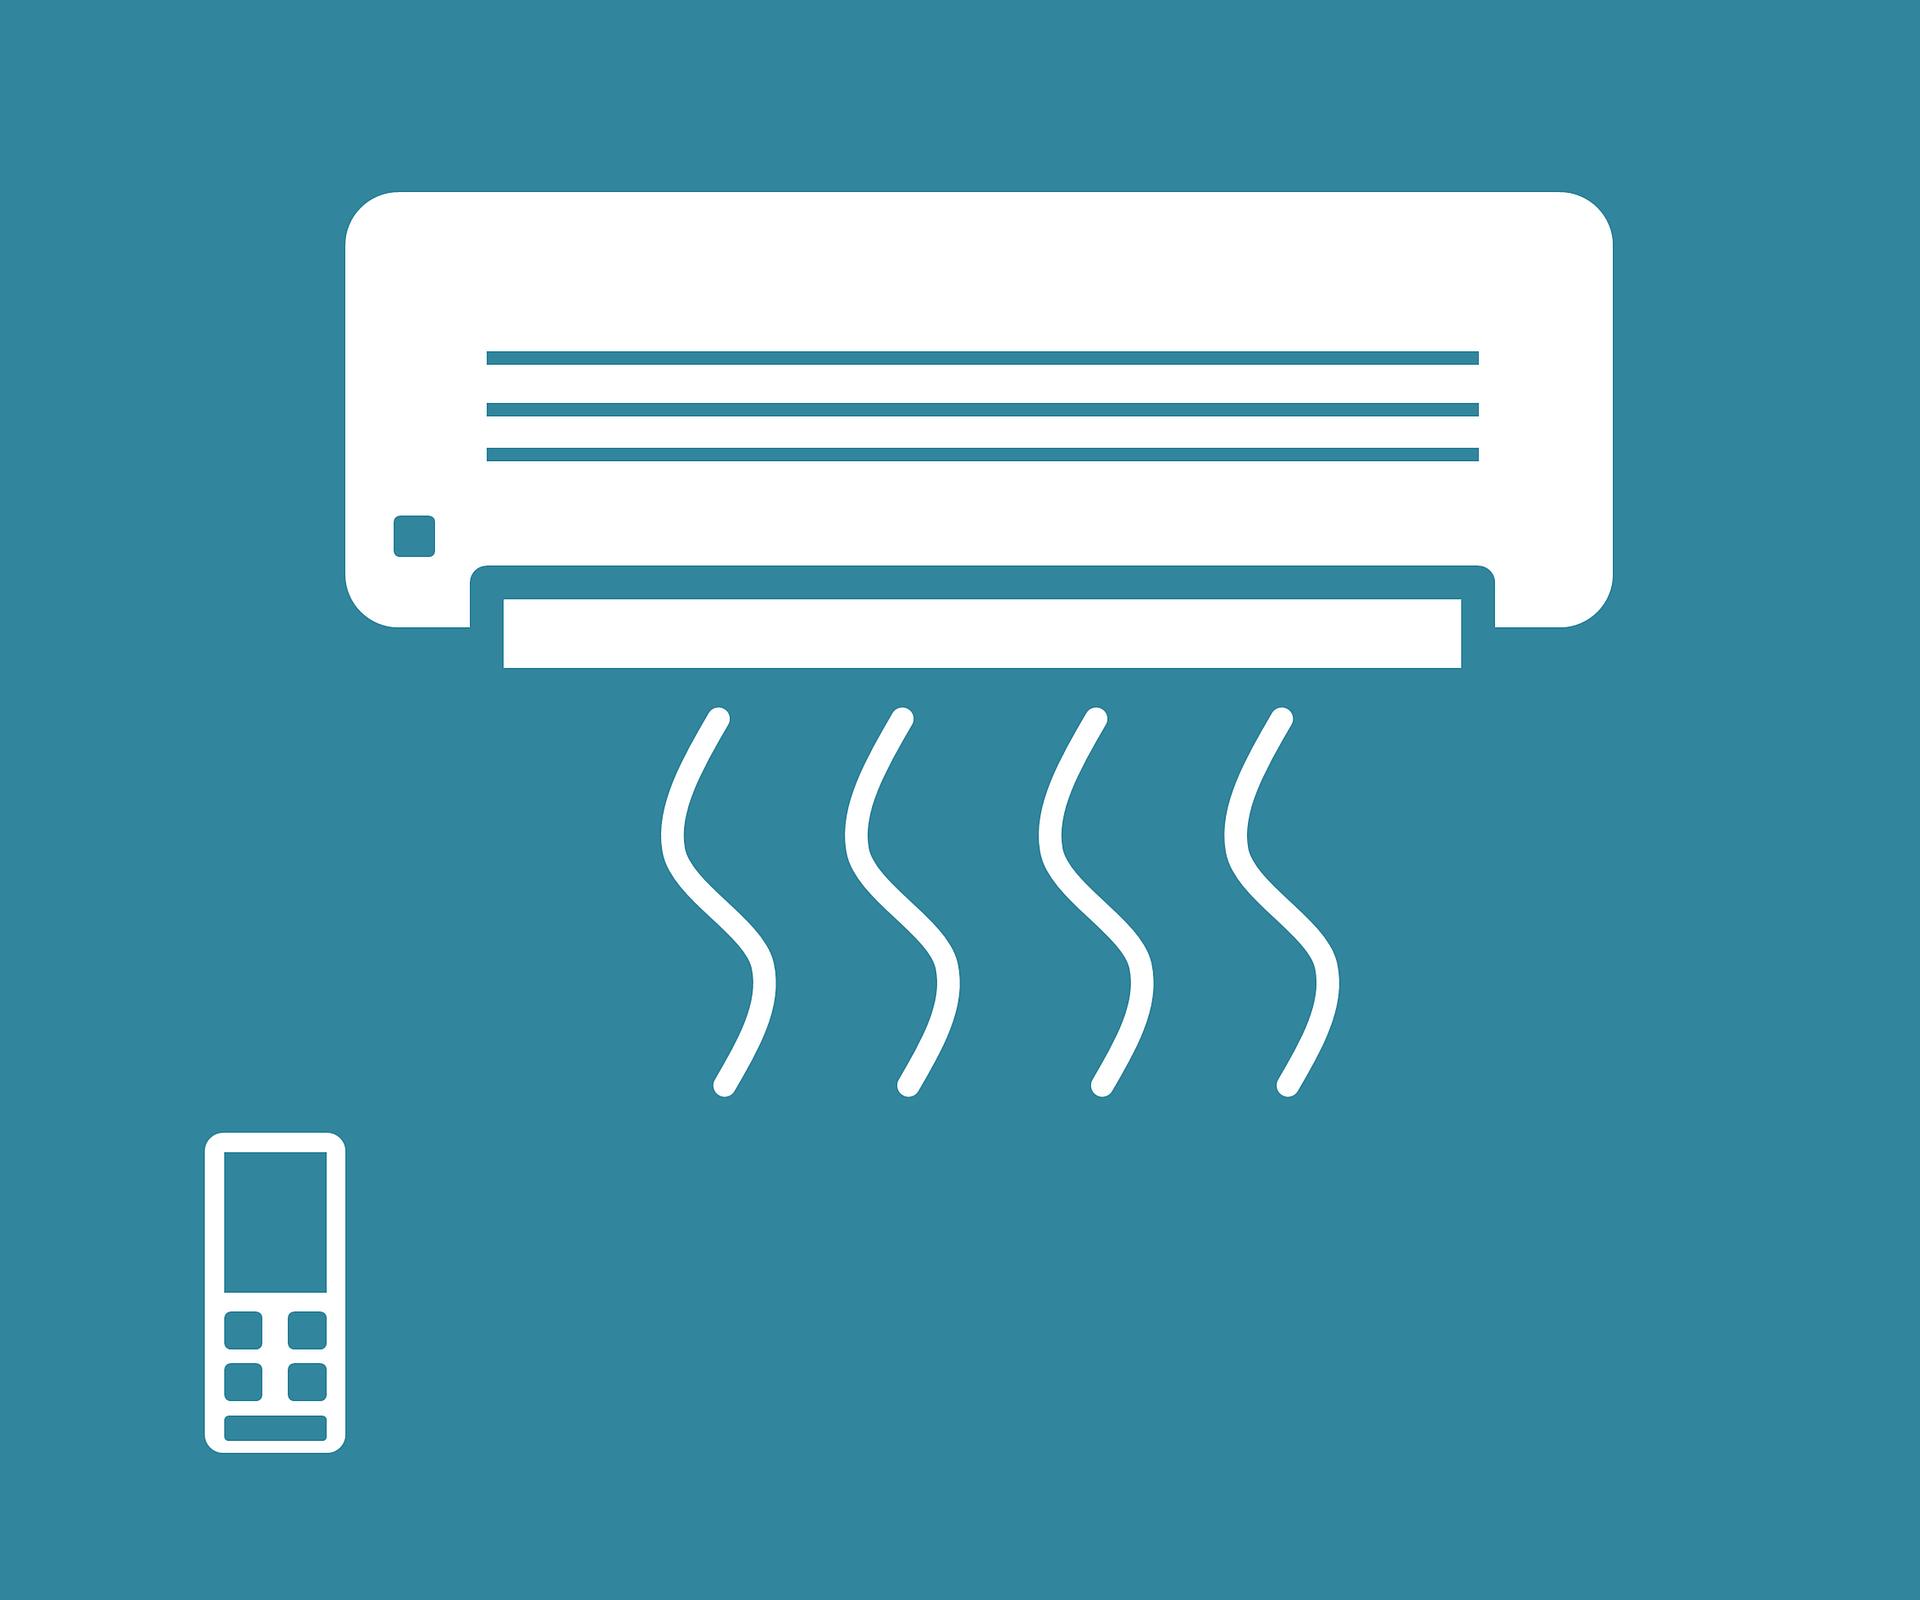 Rekuperacja i pompy ciepła – dlaczego warto zainwestować w takie połączenie?